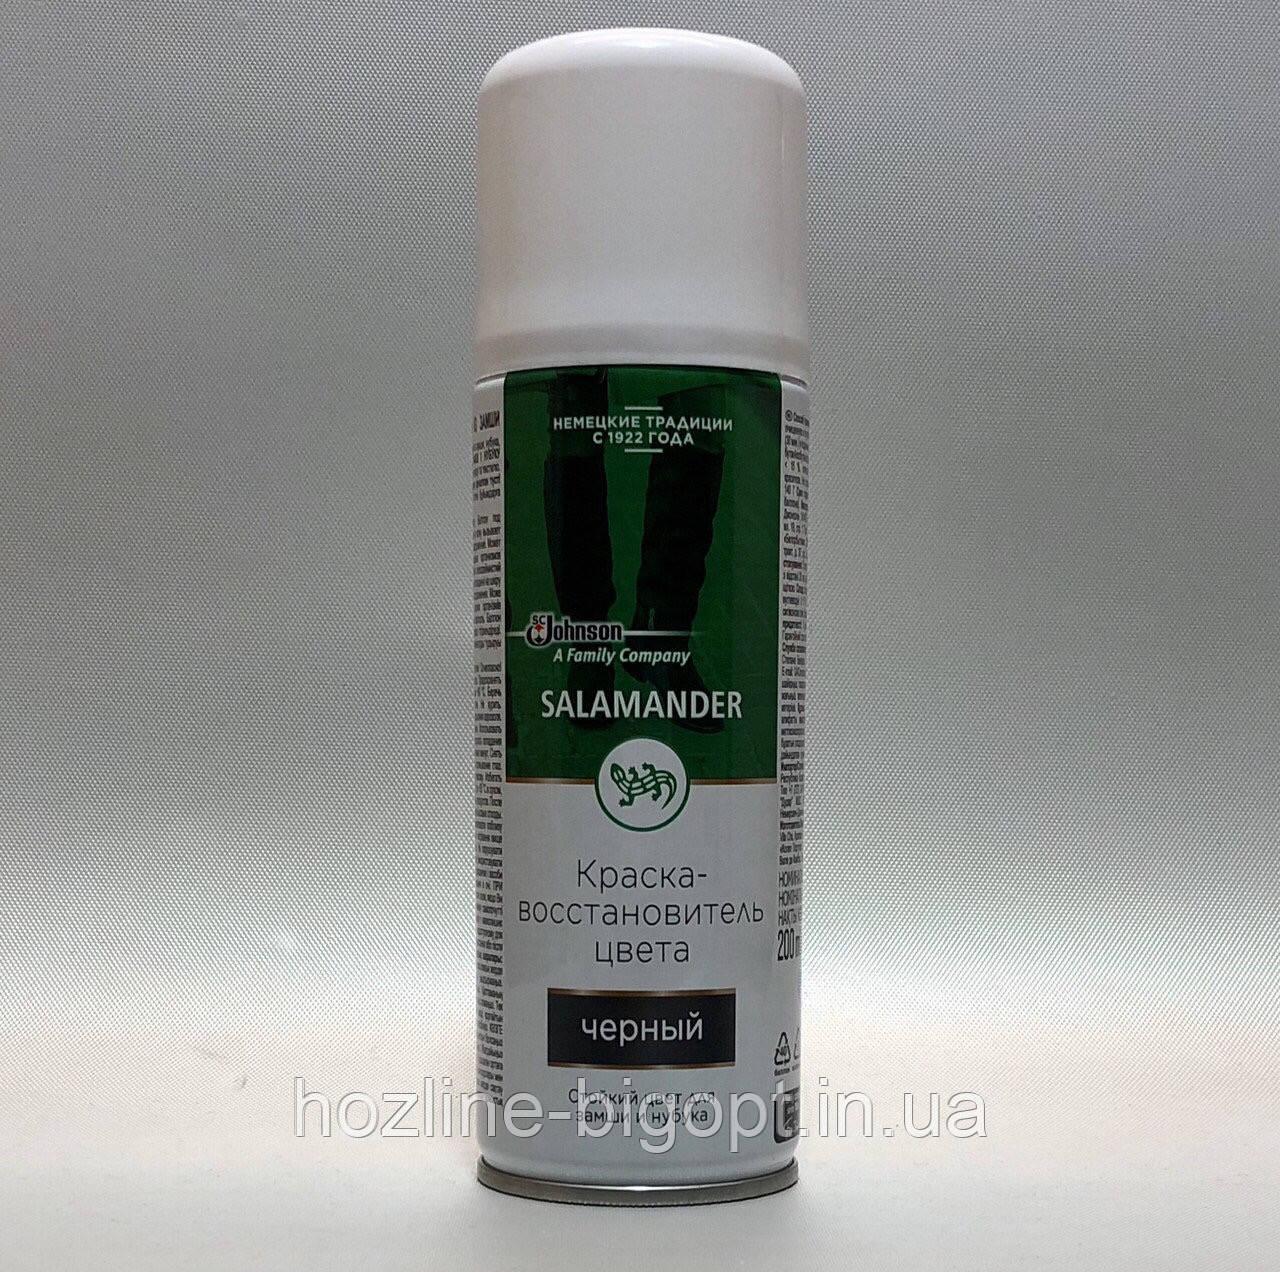 Salamander Аэрозоль для ГЛАДКОЙ КОЖИ ЧЕРНЫЙ 200 мл 0281/009 Johnson